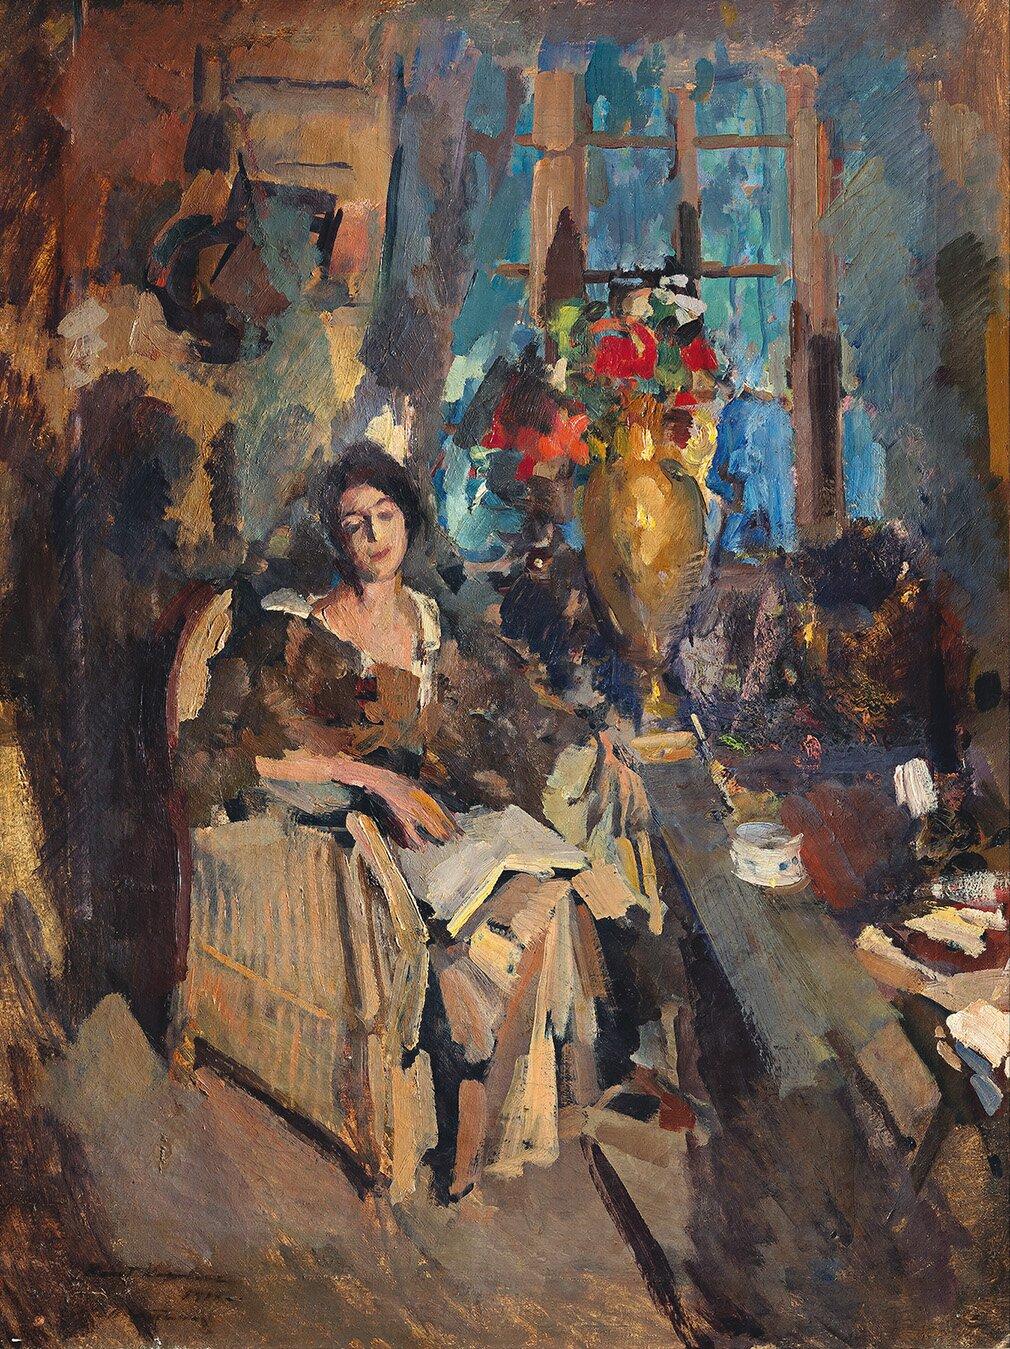 К. Коровин. Женский портрет (Портрет Н.Н. Вышеславцевой (?)). 1912 год. Собрание А.Я. Абрамяна (ныне — в частном собрании)